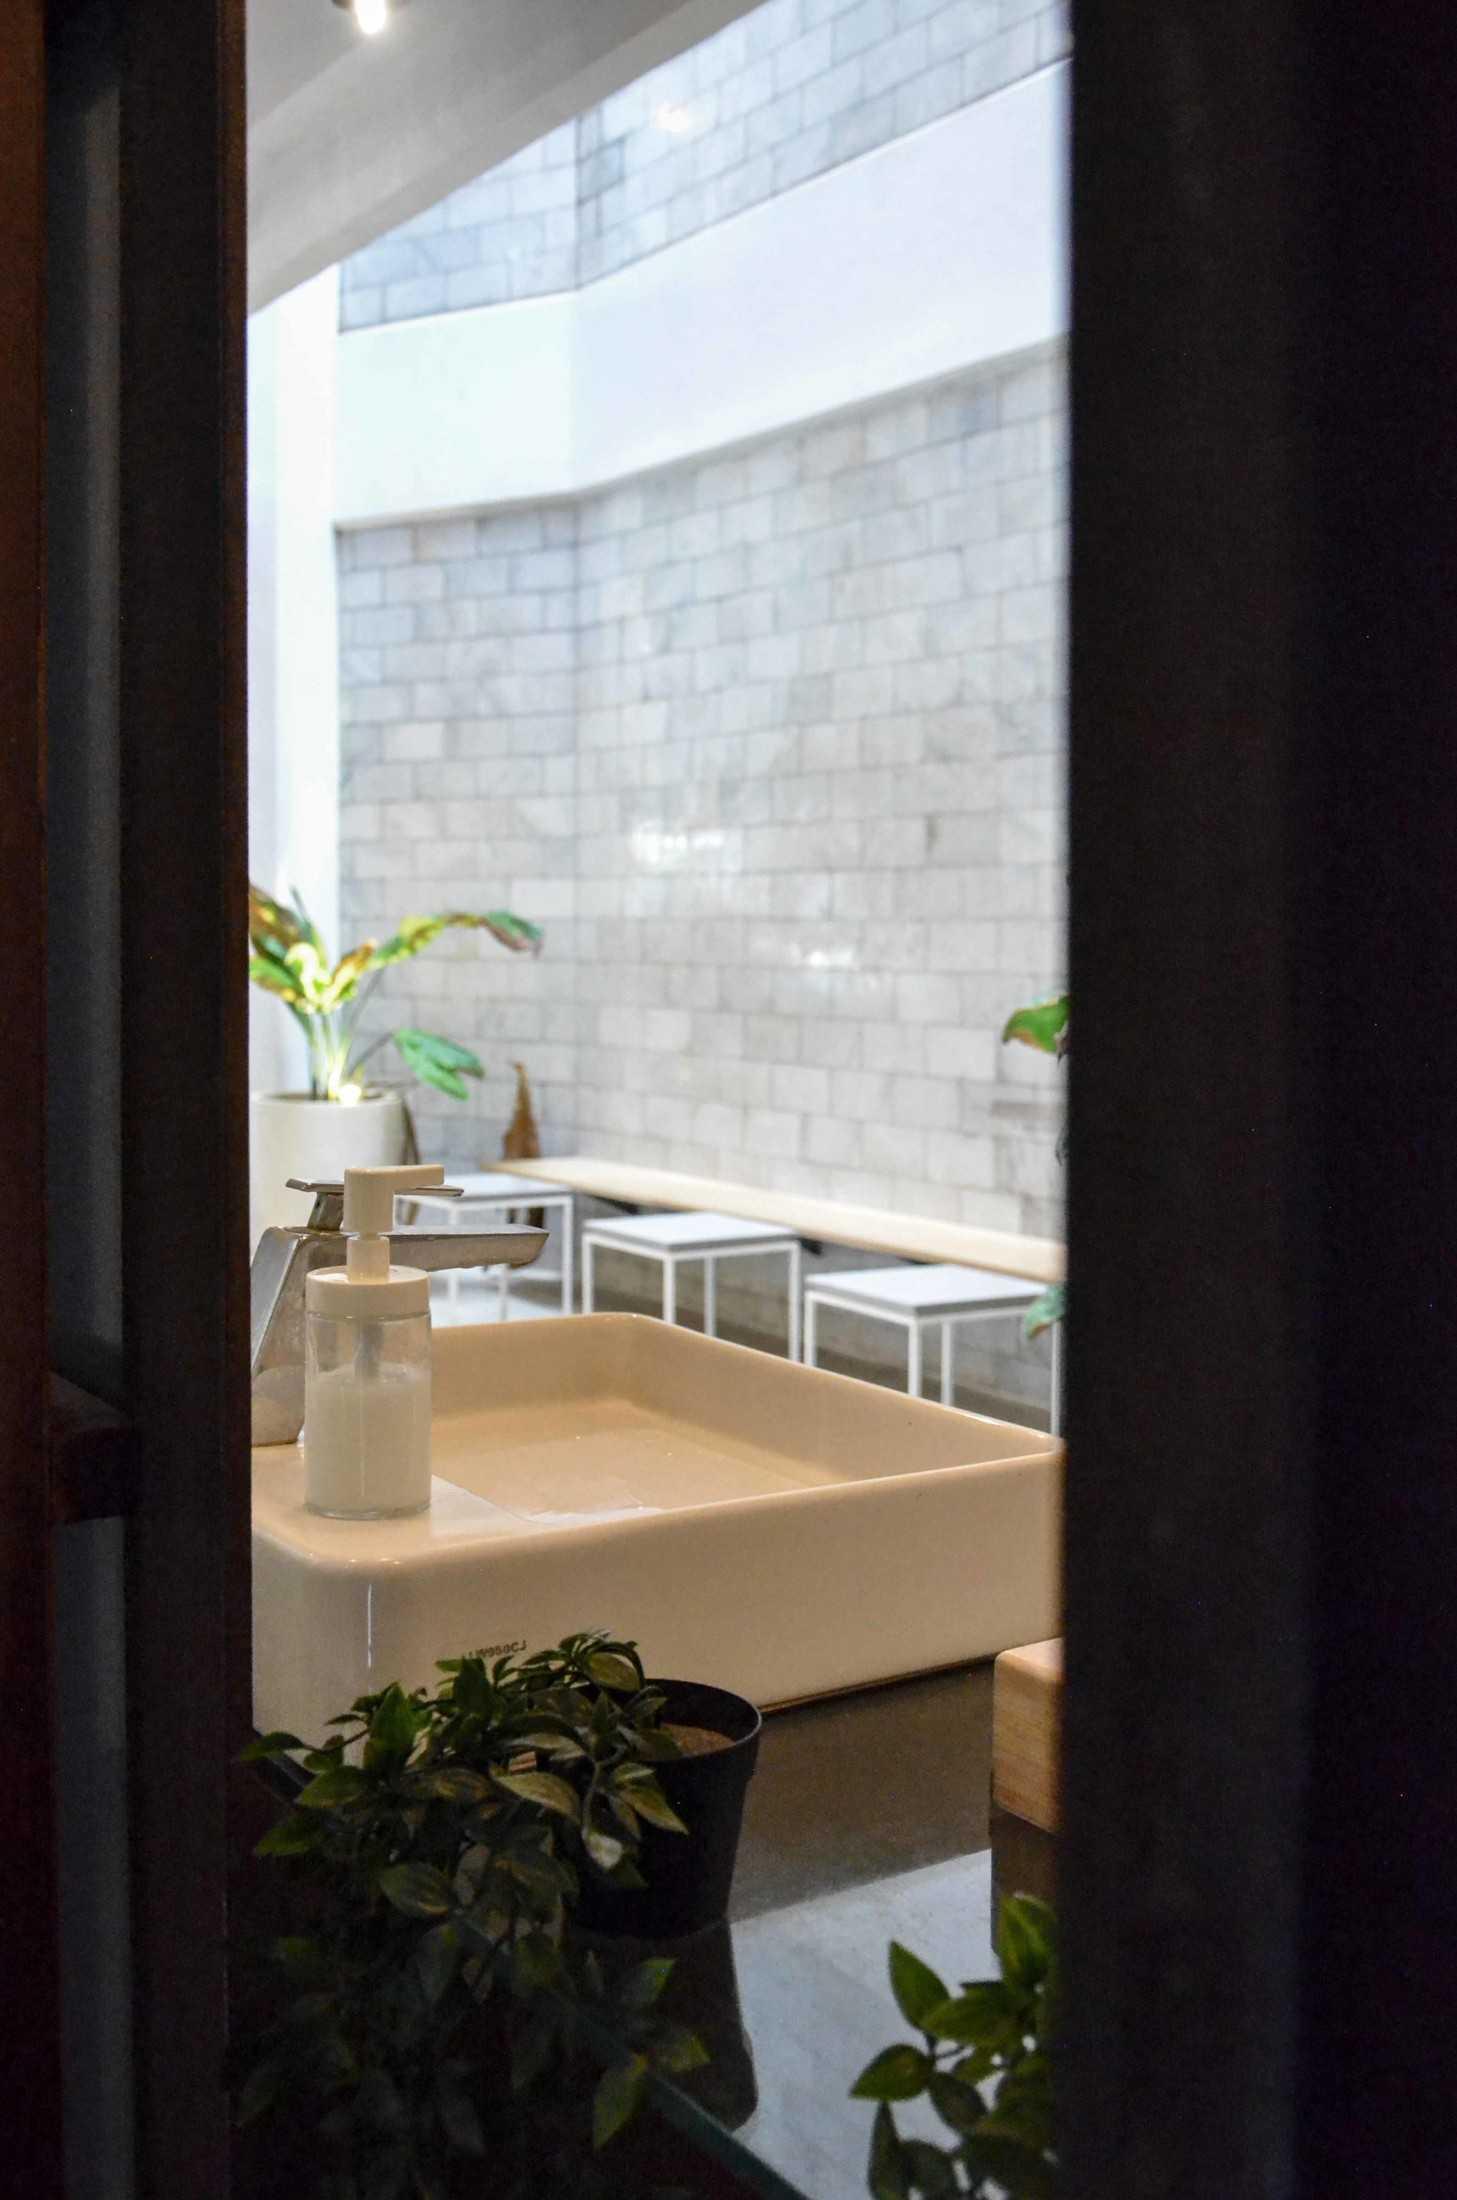 Oi Architect Centrin Office Bandung, Kota Bandung, Jawa Barat, Indonesia Bandung, Kota Bandung, Jawa Barat, Indonesia Oi-Architect-Centrin-Office  94220